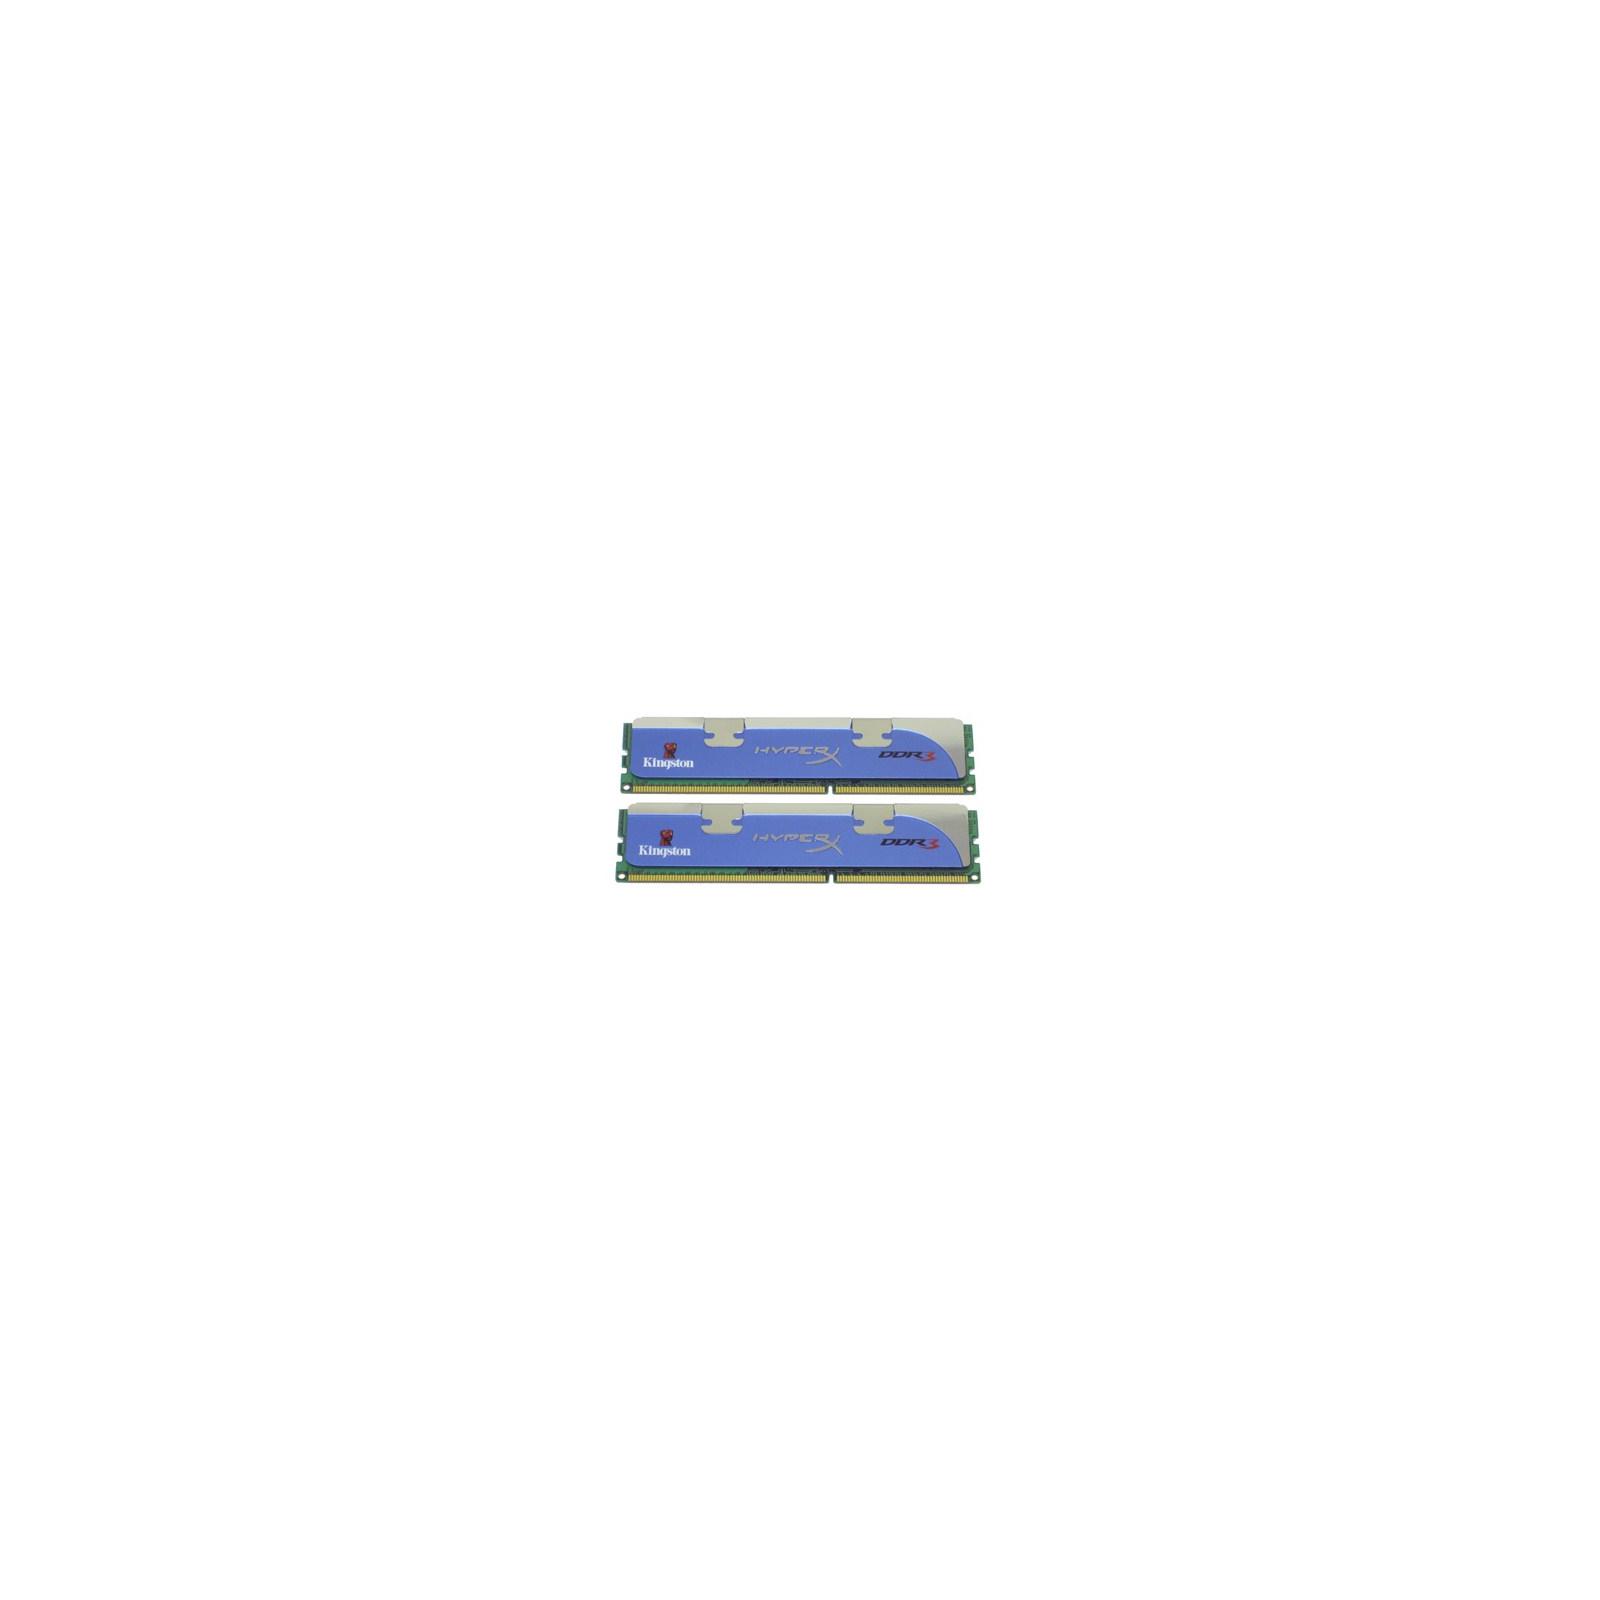 Модуль памяти для компьютера DDR3 8GB (2x4GB) 1866 MHz Kingston (KHX1866C9D3K2/8GX / KHX1866C9D3K2/8G)